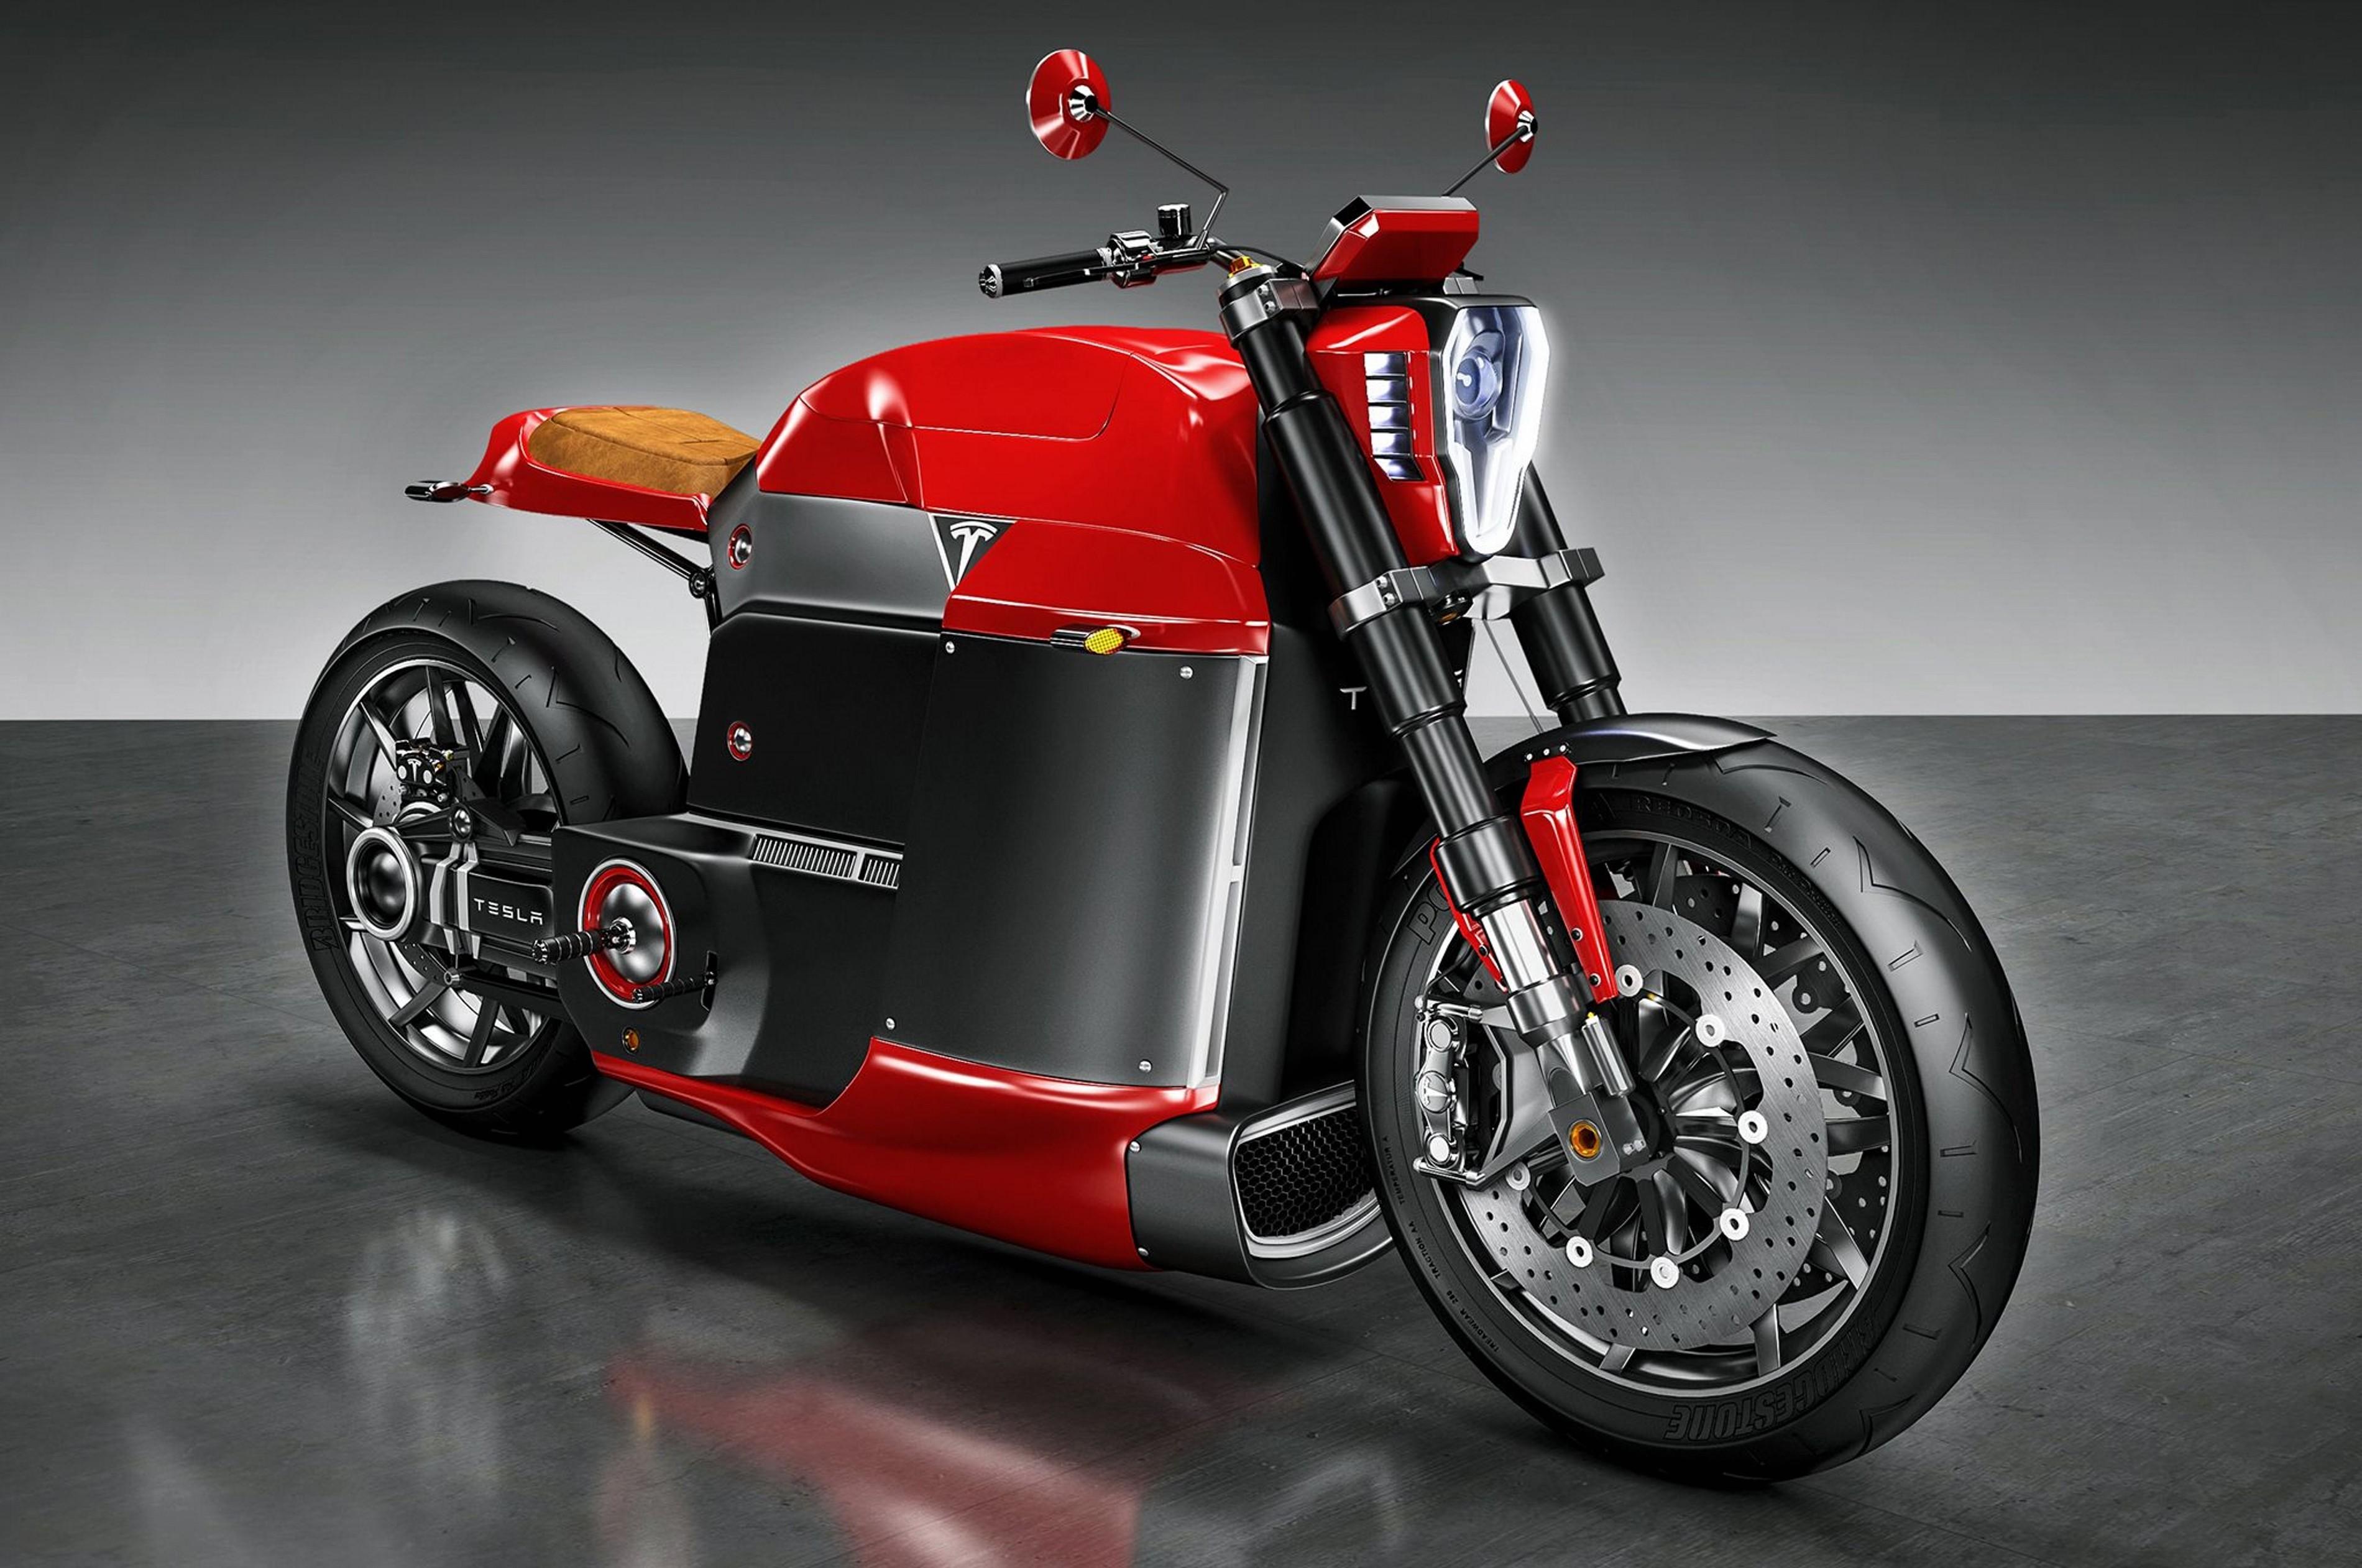 Concept moto скачать